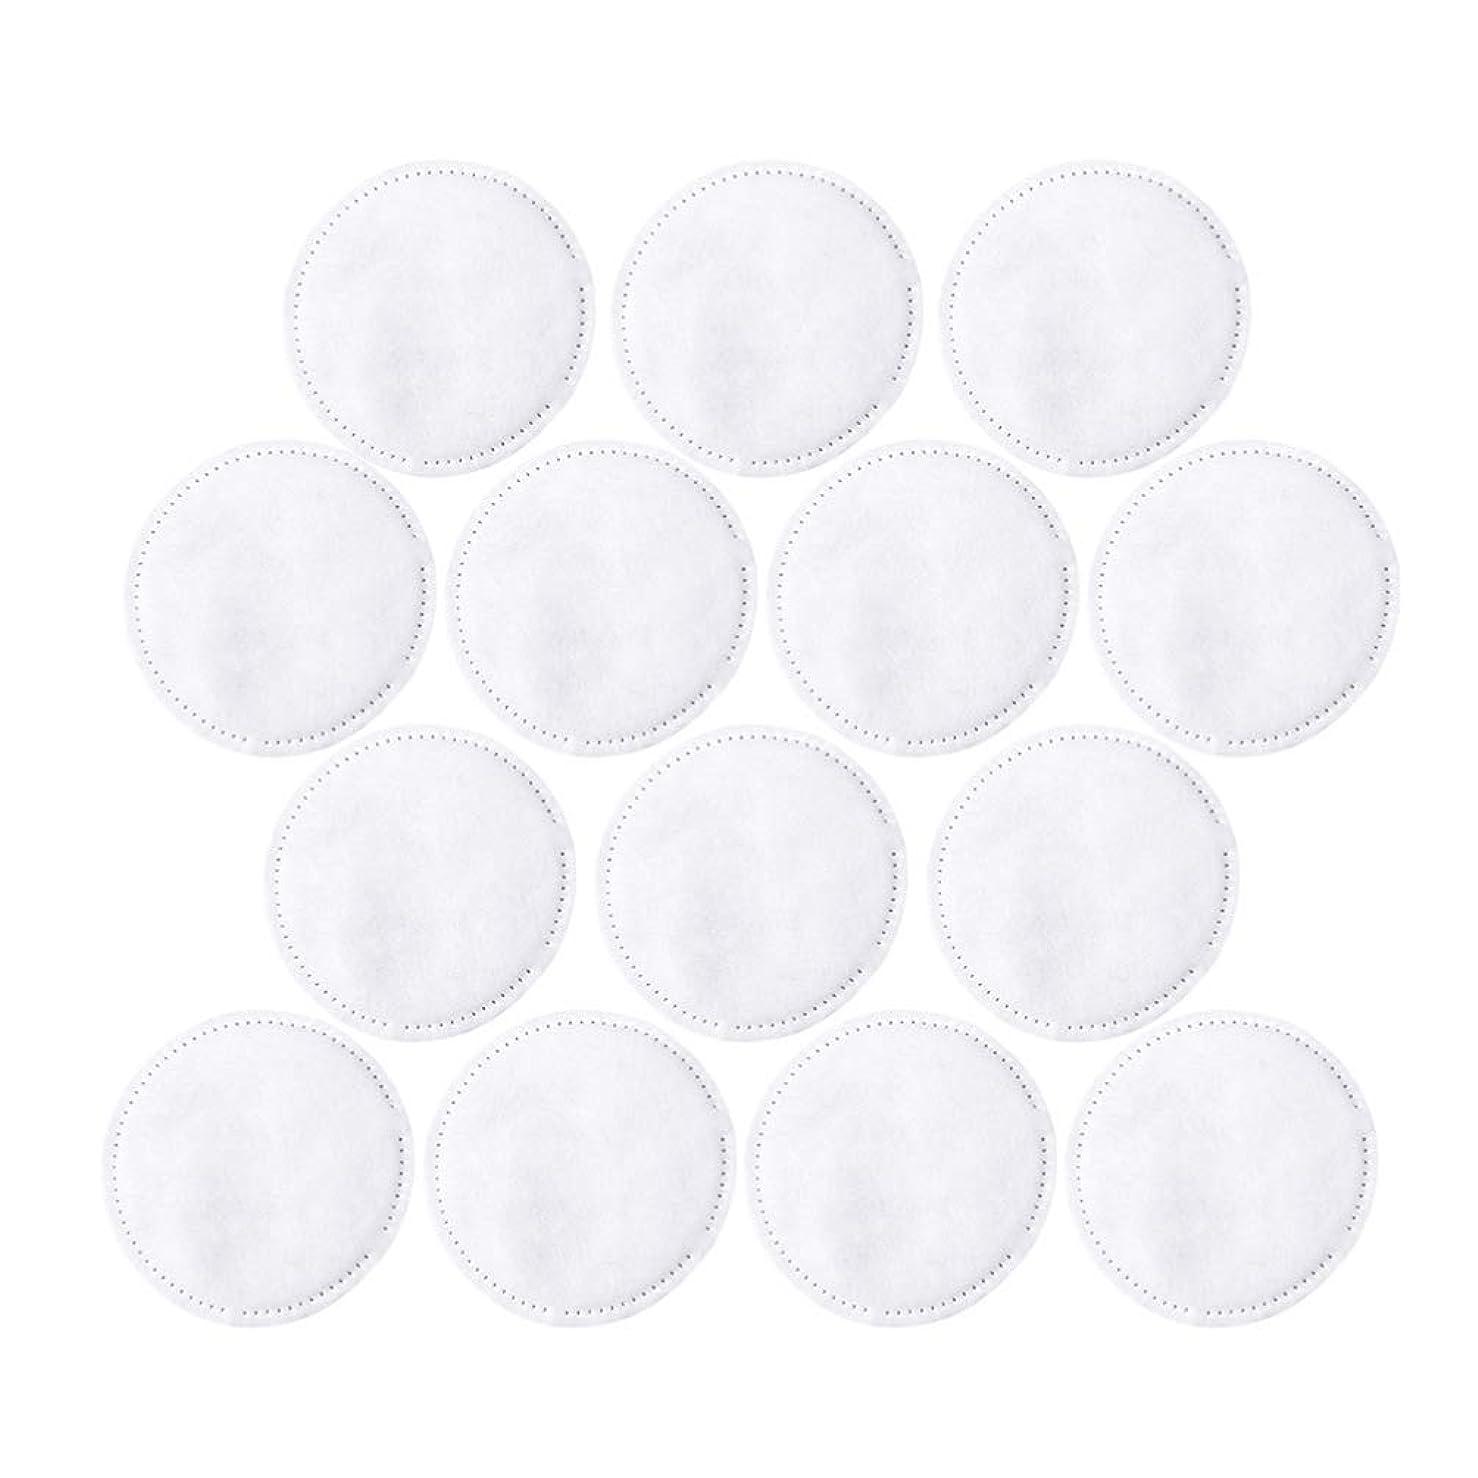 Frcolor コットンパフ 化粧コットン コットンパッド 3層 ラウンド 丸型 メイク落とし用 フェイスメイク用 フェイシャル 300枚セット(ホワイト)